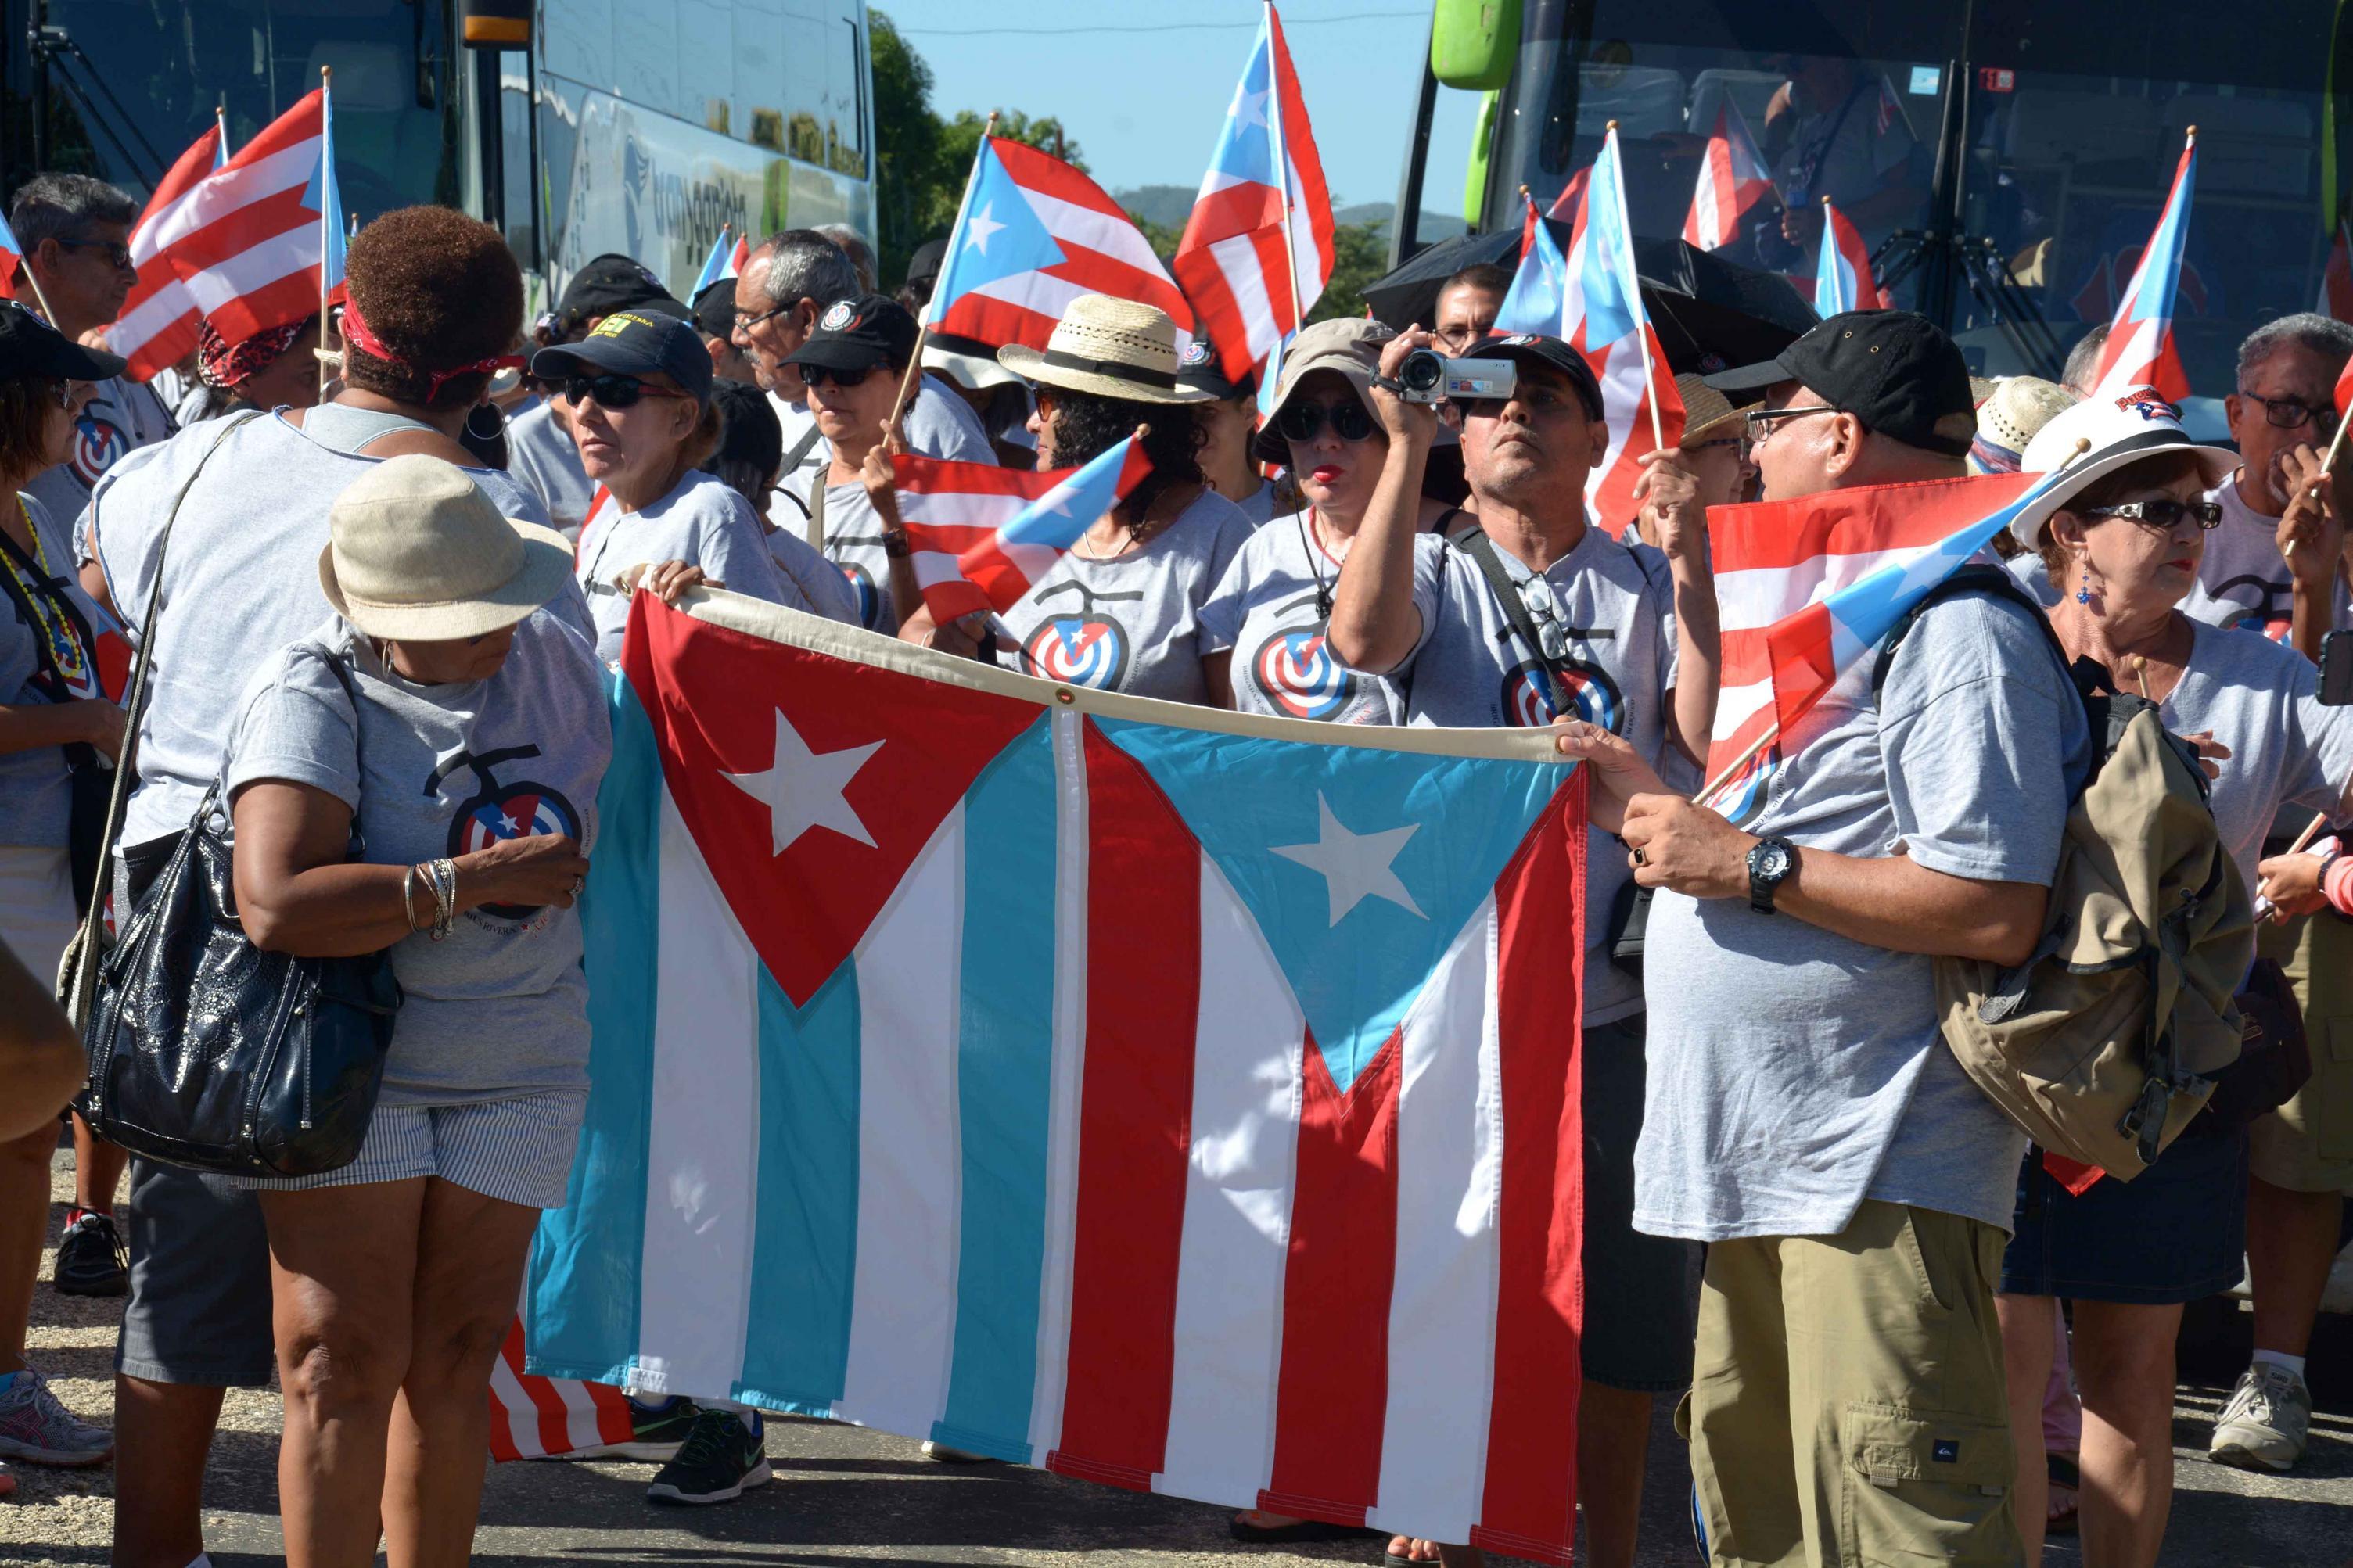 Brigada de Solidaridad Juan Rius Rivera, Cuba, Sancti Spíritus en 26, Sancti Spíritus, Trinidad